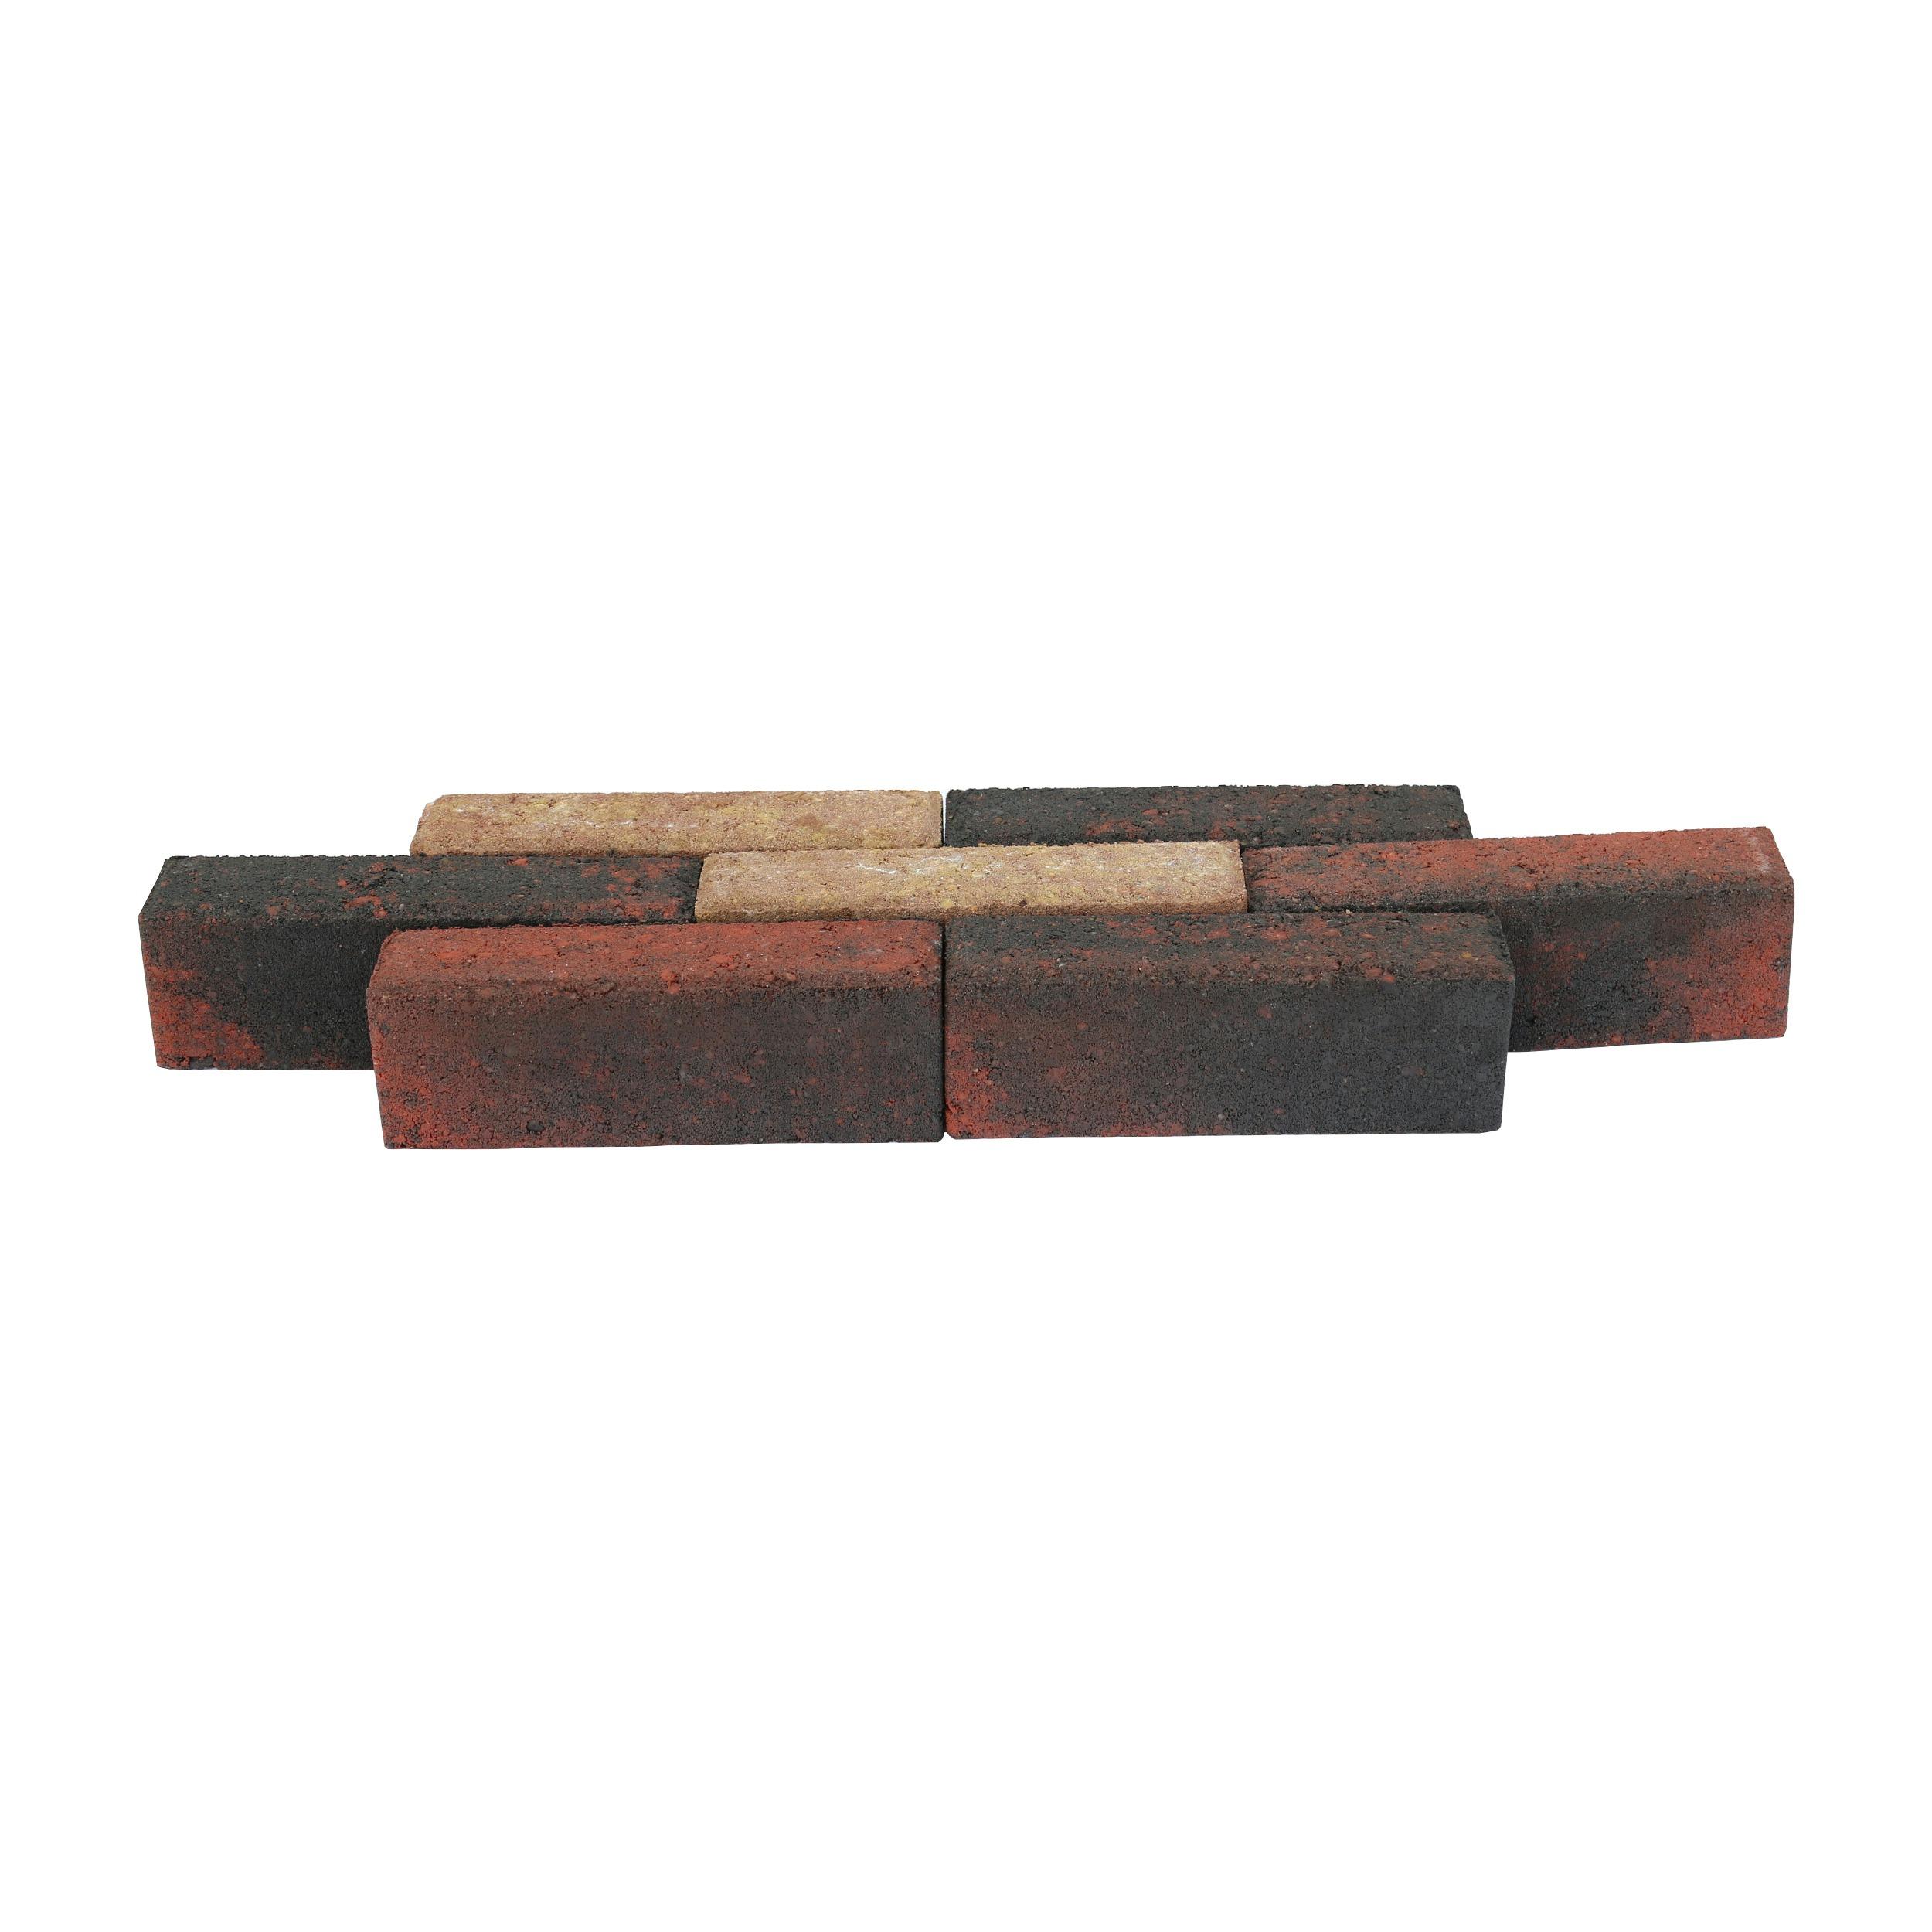 Klinker Beton Bont Waalformaat 20x5x7 cm - 660 Klinkers - 6,60 m2